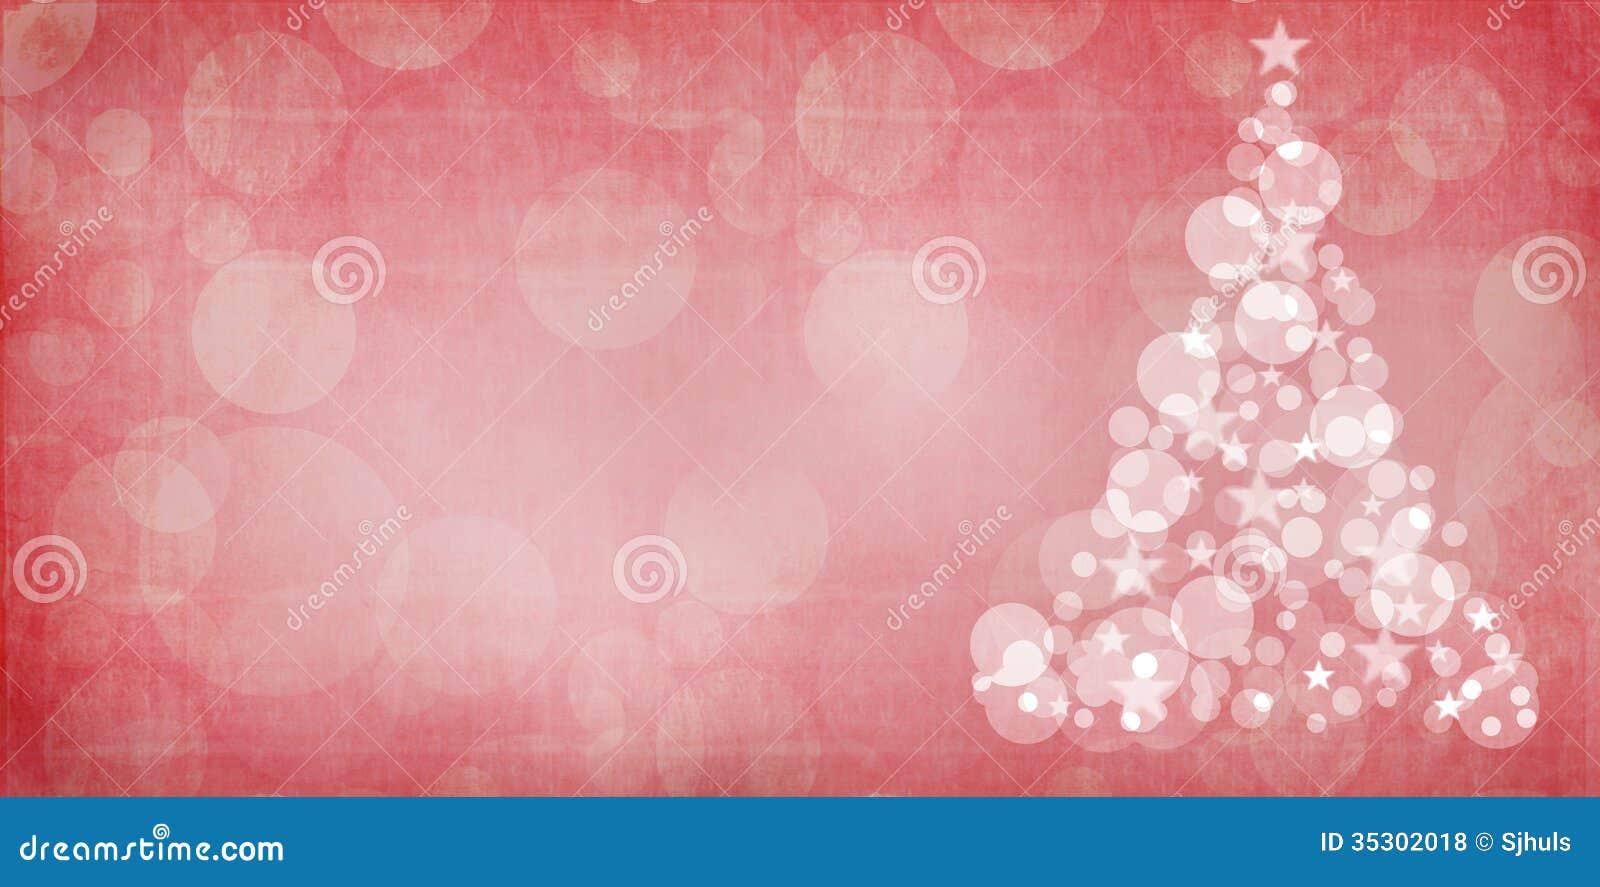 Red Christmas Bokeh Christmas Tree With Grunge Overlay